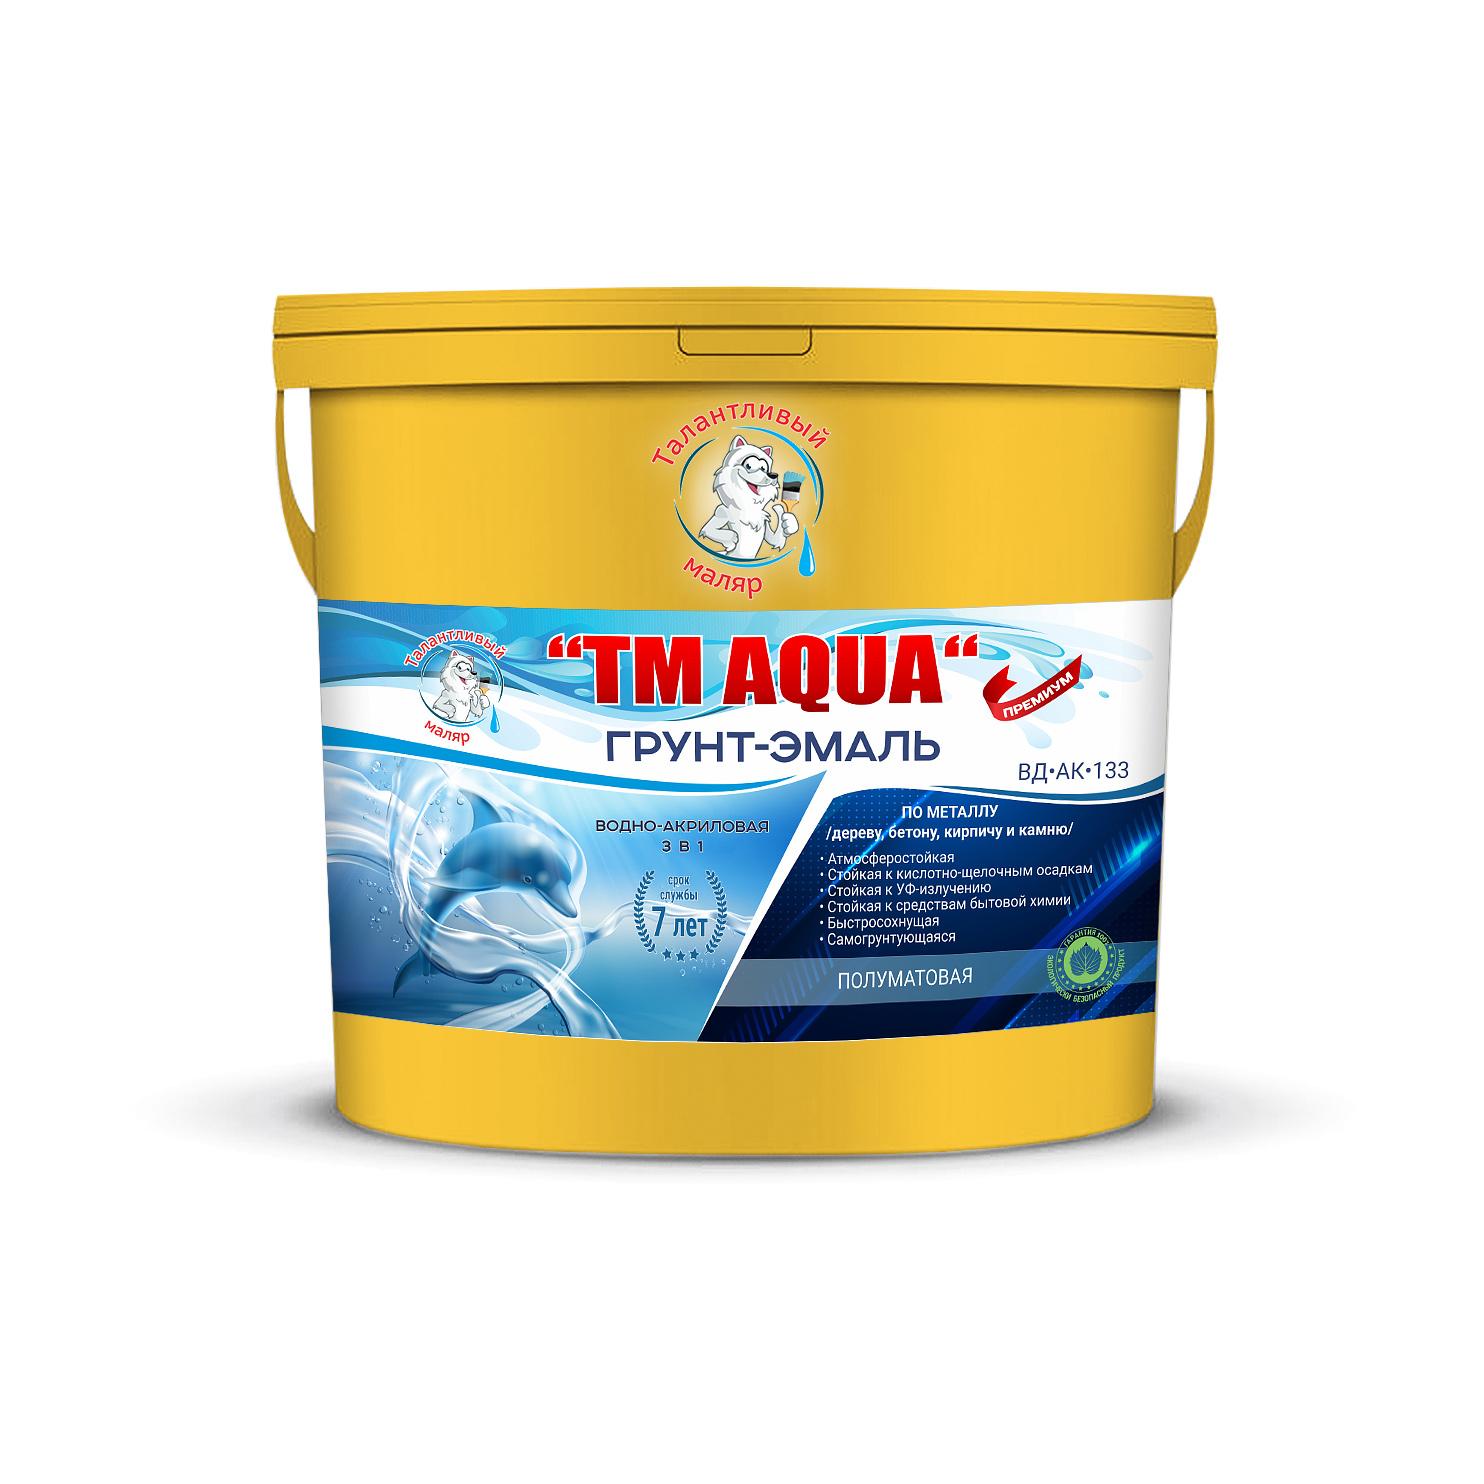 Фото 7 - Грунт-Эмаль 'TM-AQUA' RAL 1003 - Сигнальный желтый, 3в1 по ржавчине, водно-акриловая, полуматовая, 10кг 'Талантливый Маляр'.